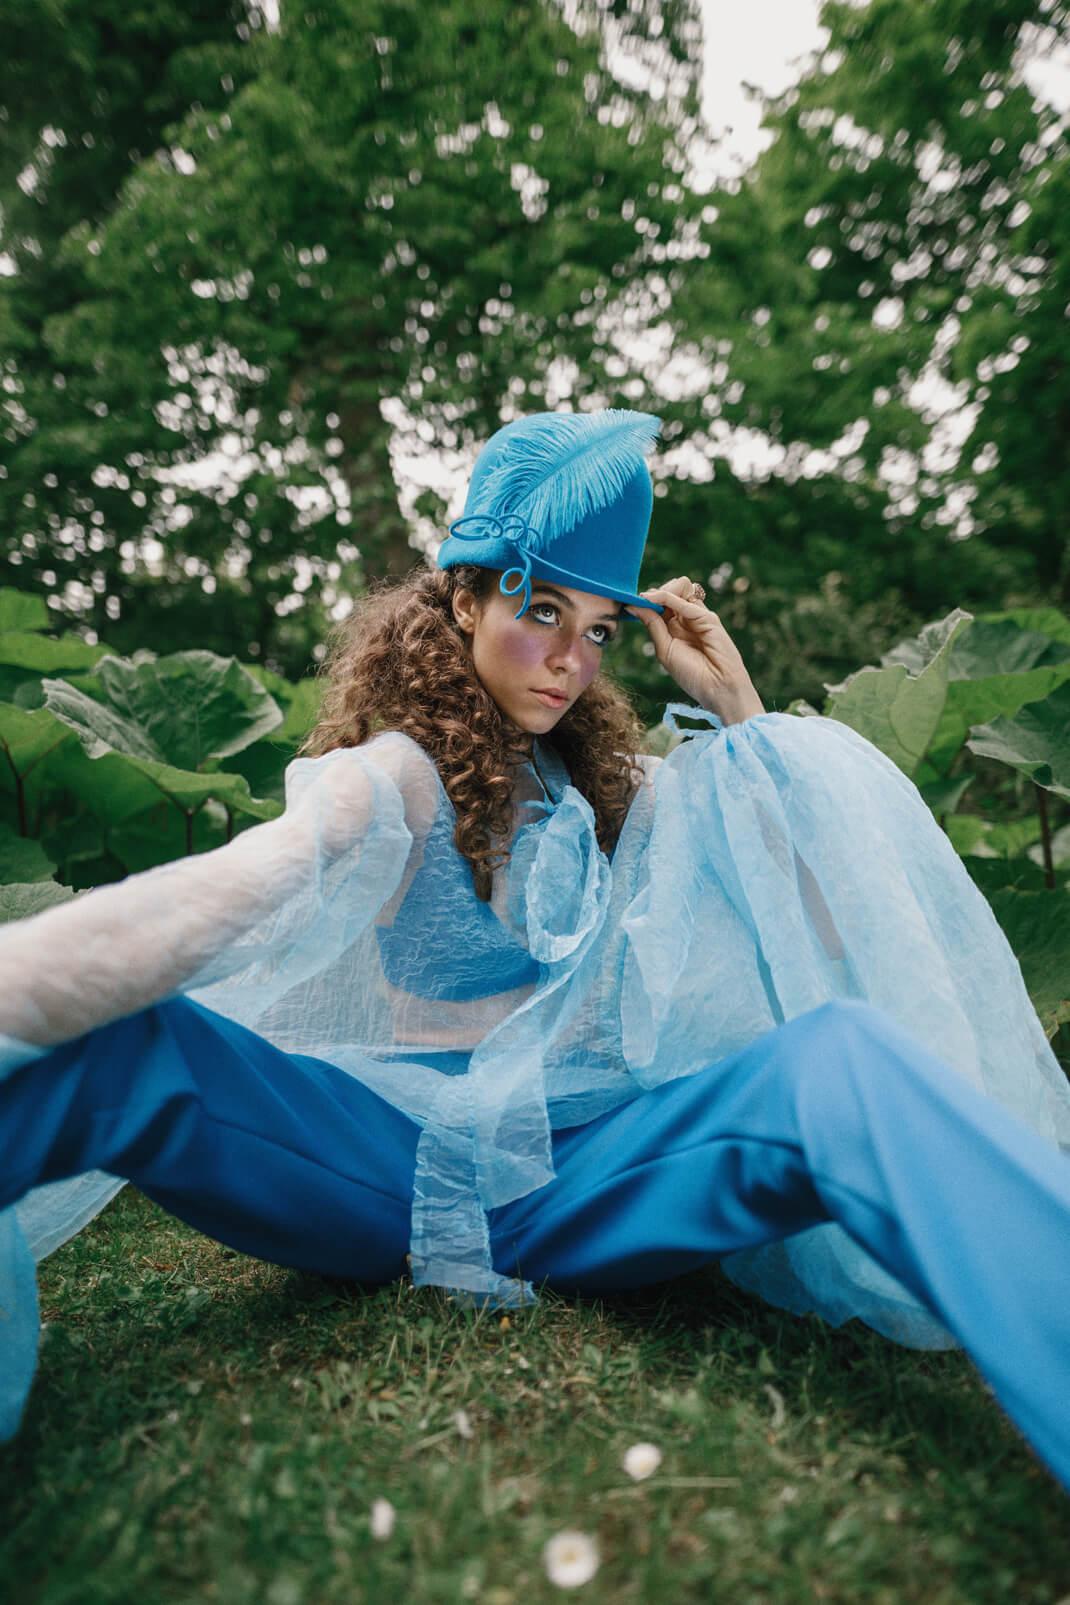 modelka w niebieskiej kreacji